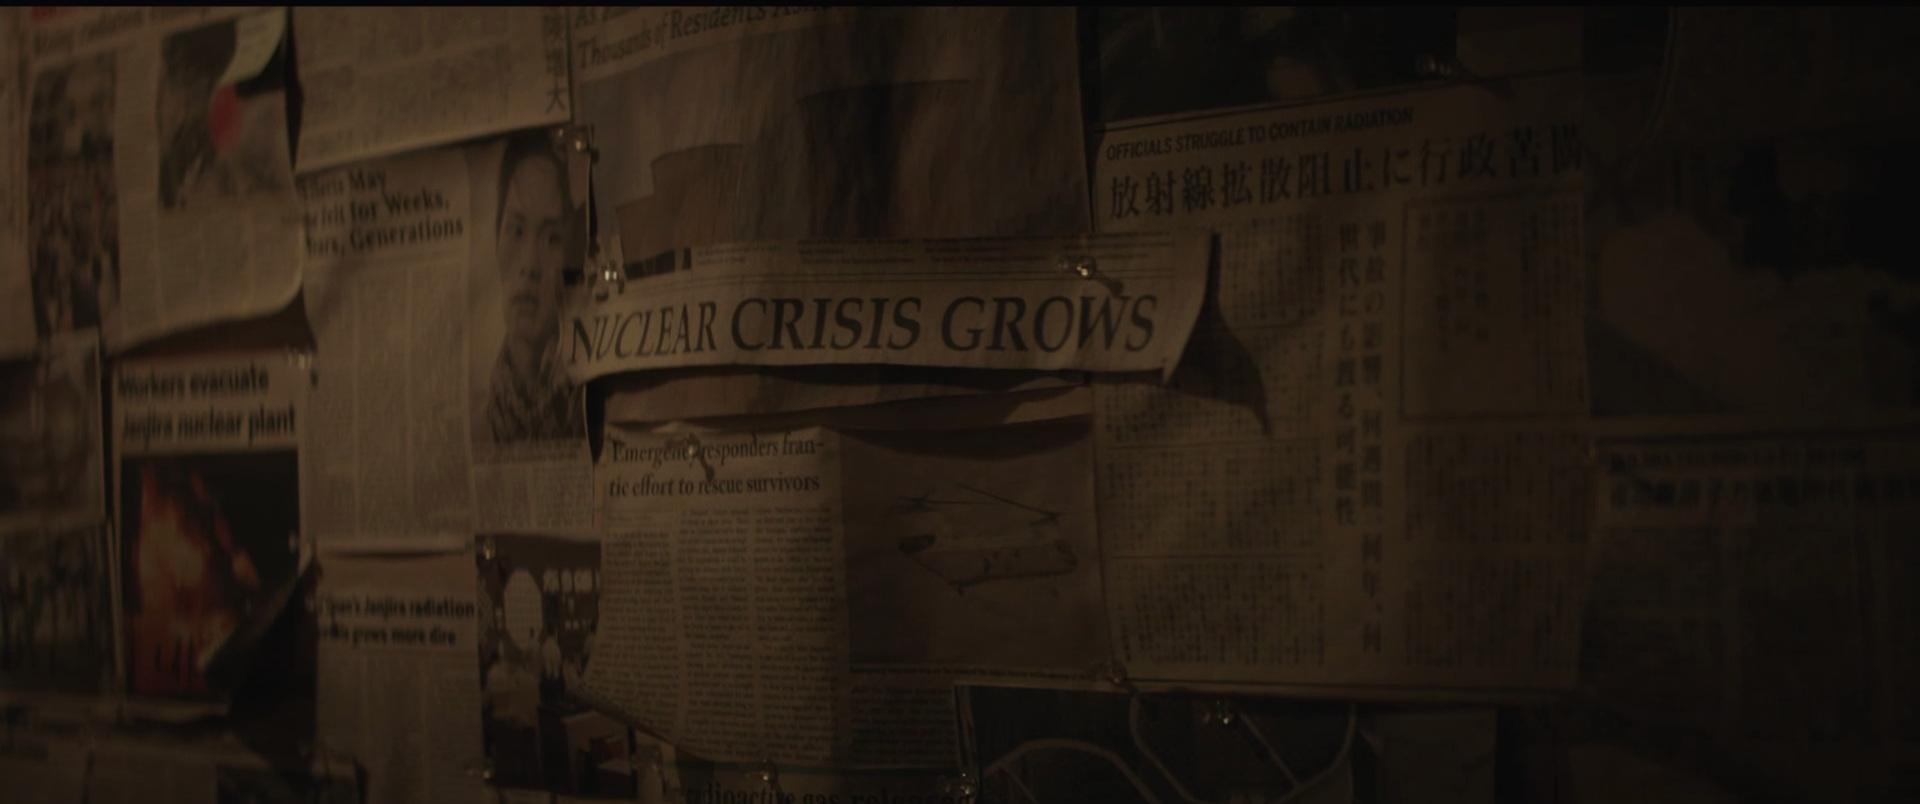 Godzilla  (dir. Gareth Edwards, 2014).